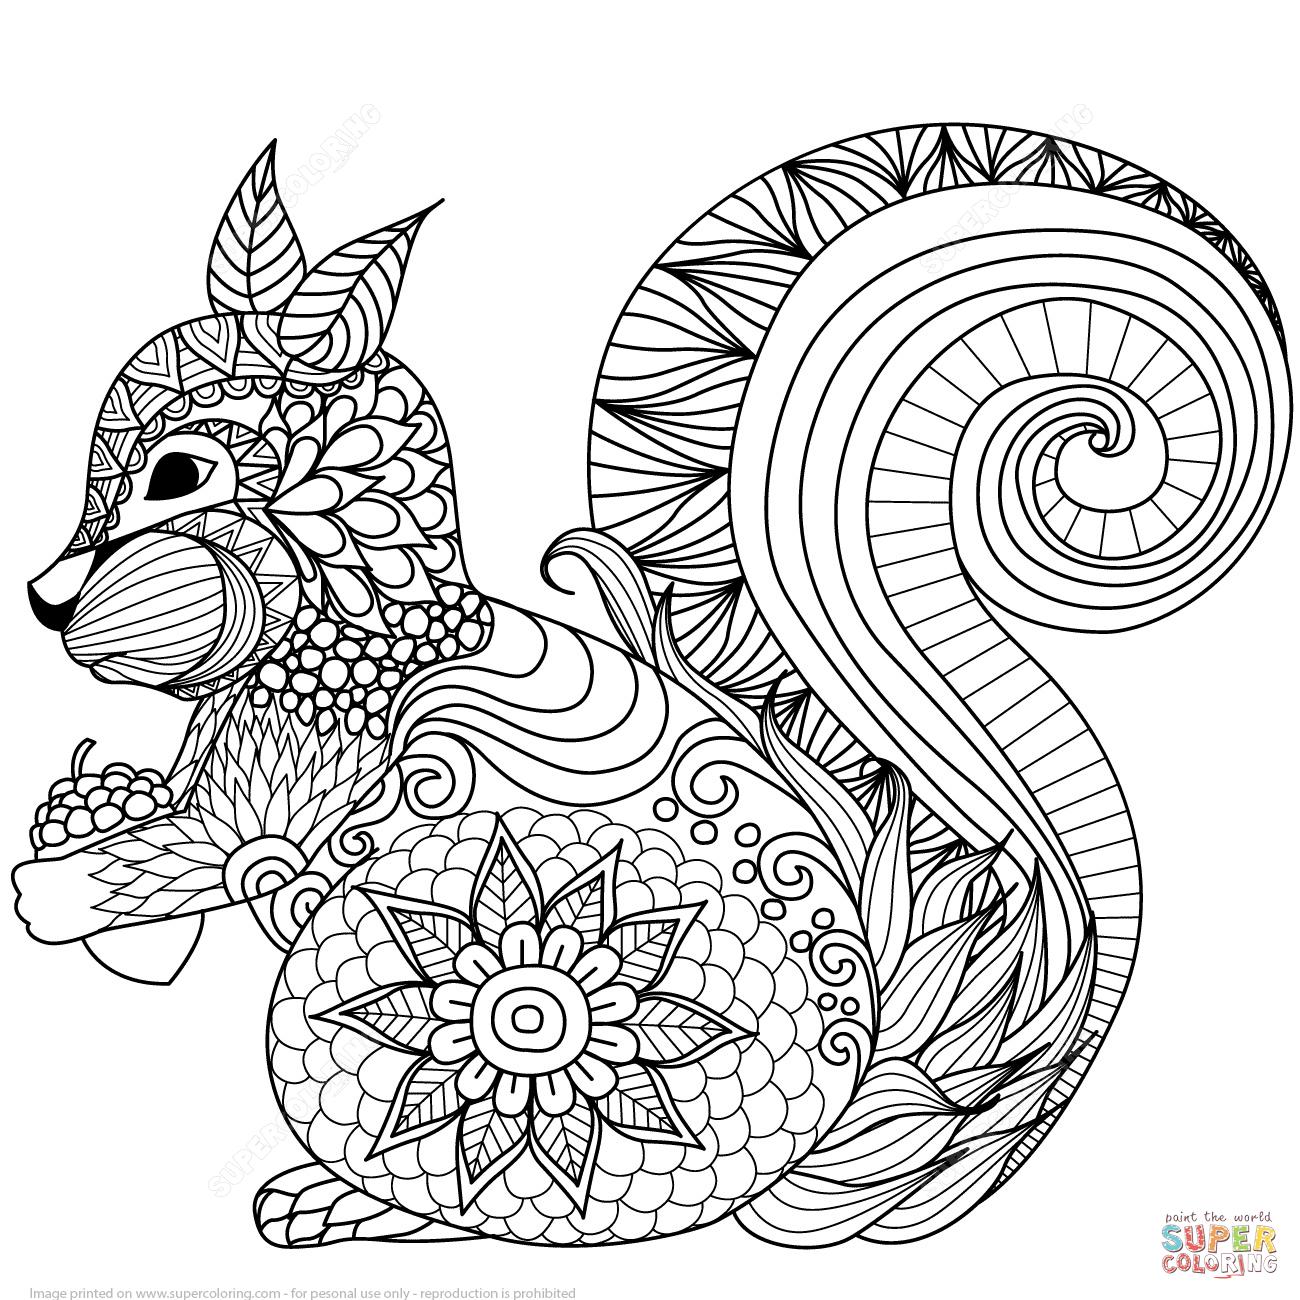 Hübsches Eichhörnchen Zentangle | Super Coloring bestimmt für Eichhörnchen Zum Ausmalen